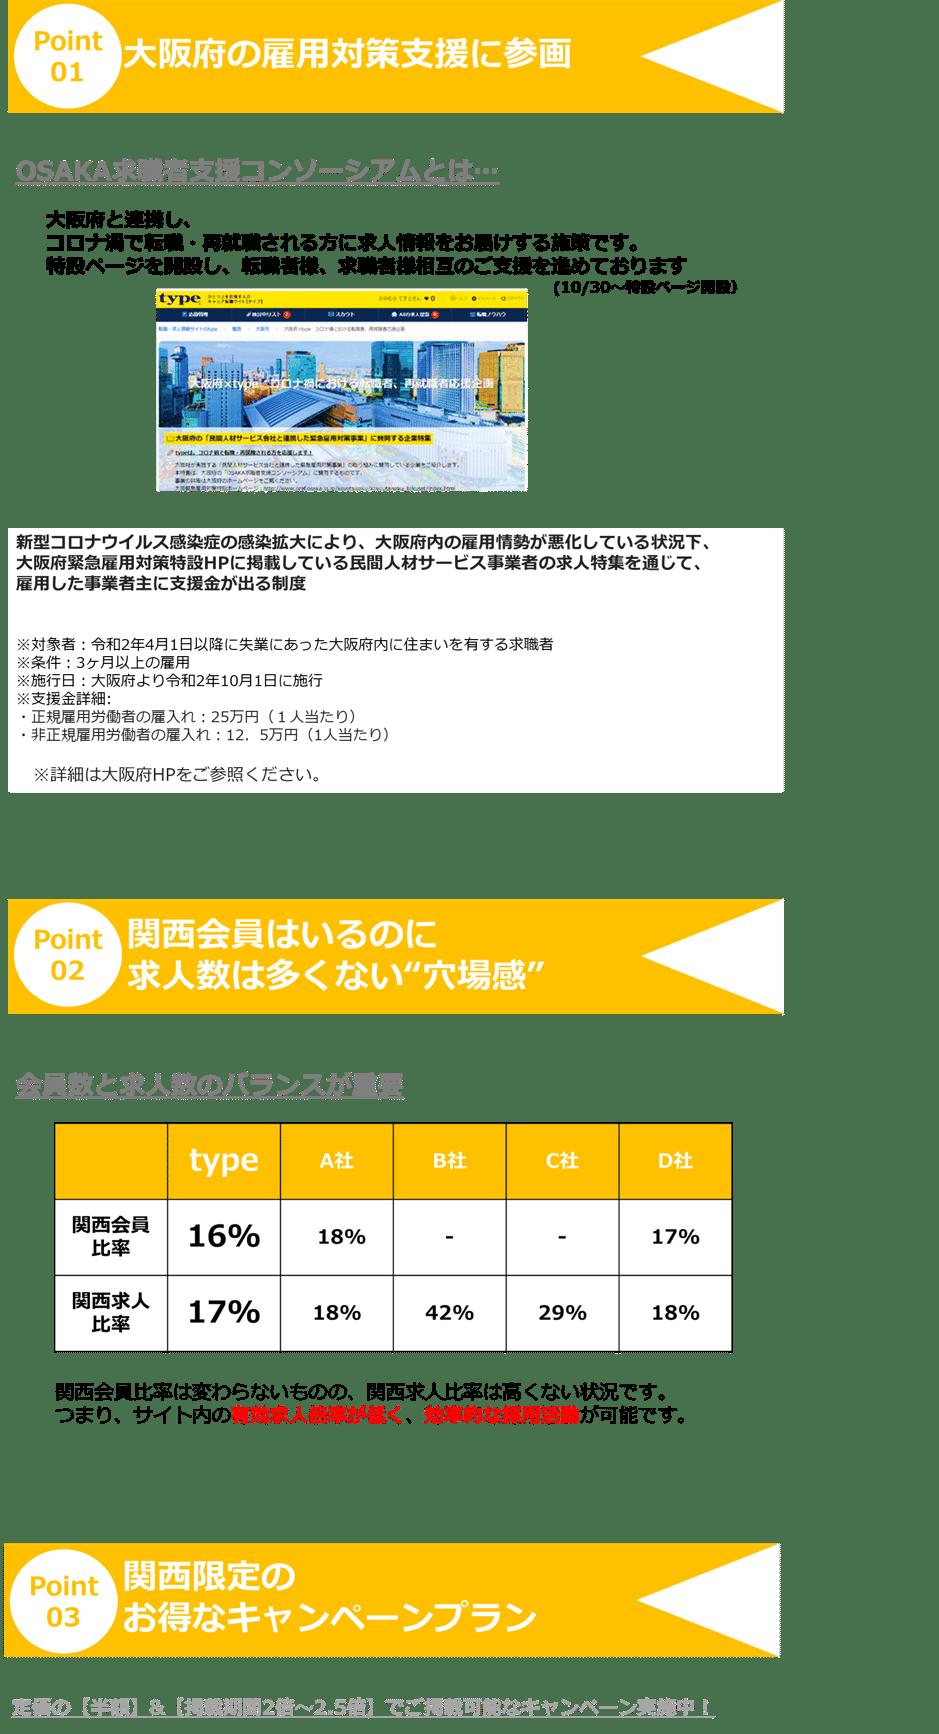 type 関西エリアの採用をサポート②-2